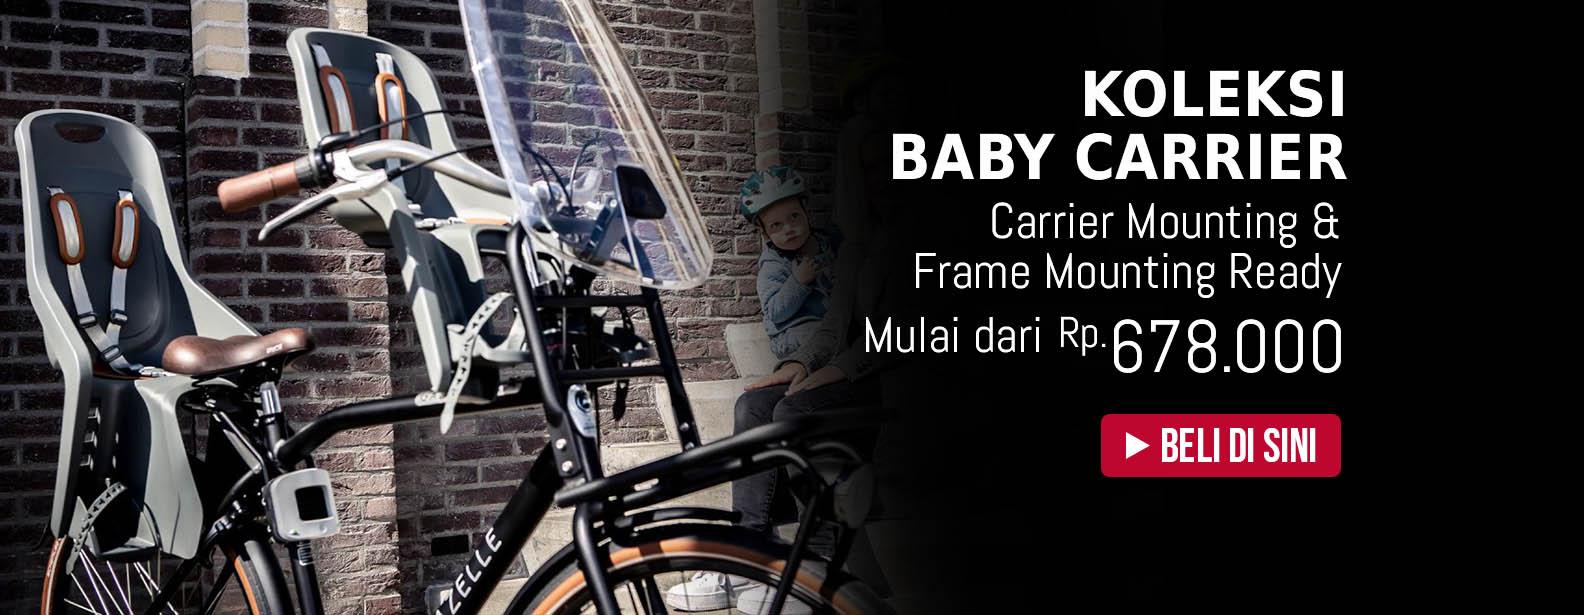 Koleksi Baby Carrier